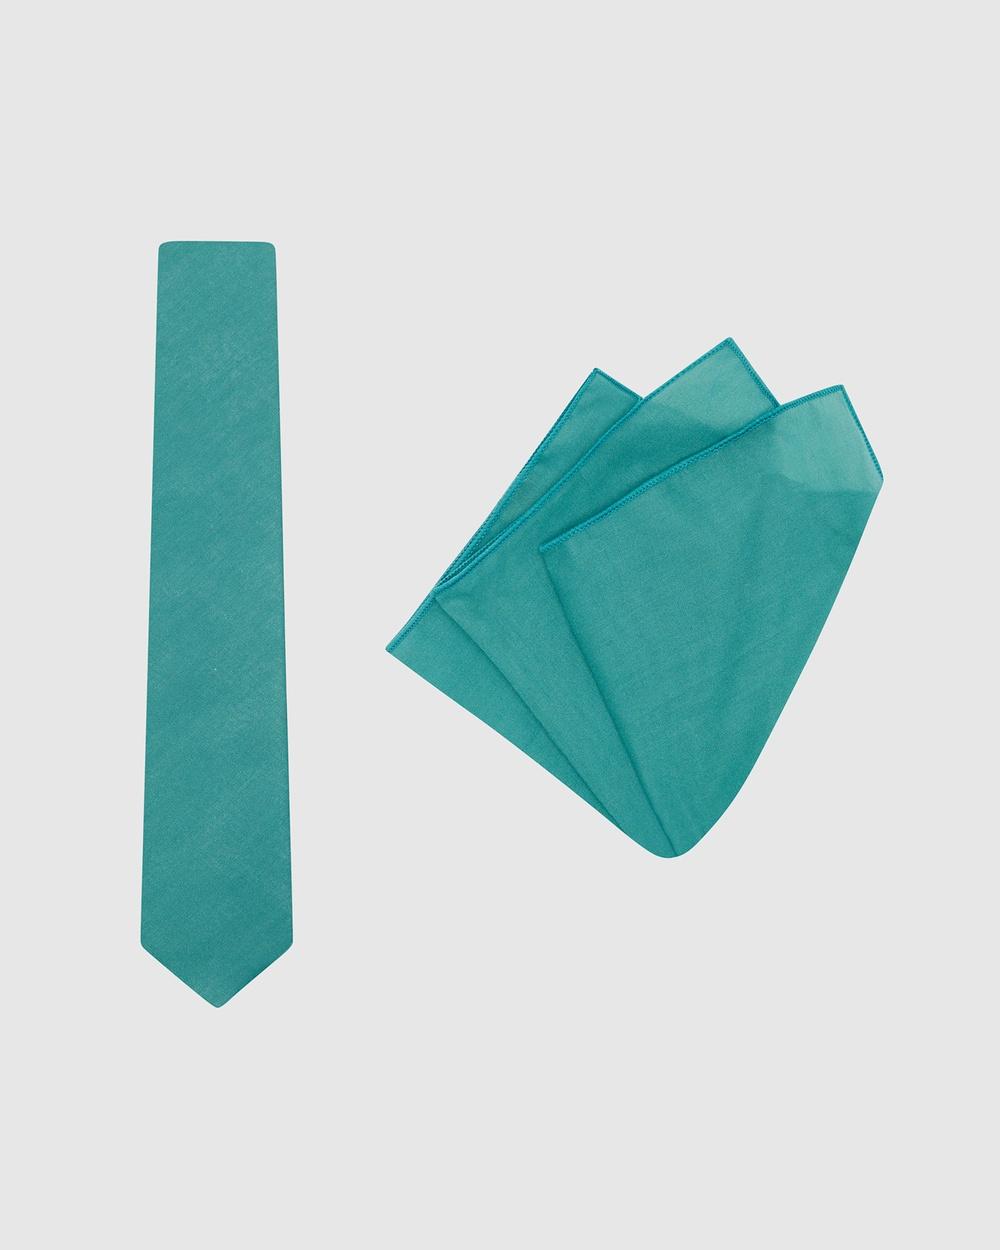 Buckle Plain Tie & Pocket Square Set Ties Teal Australia